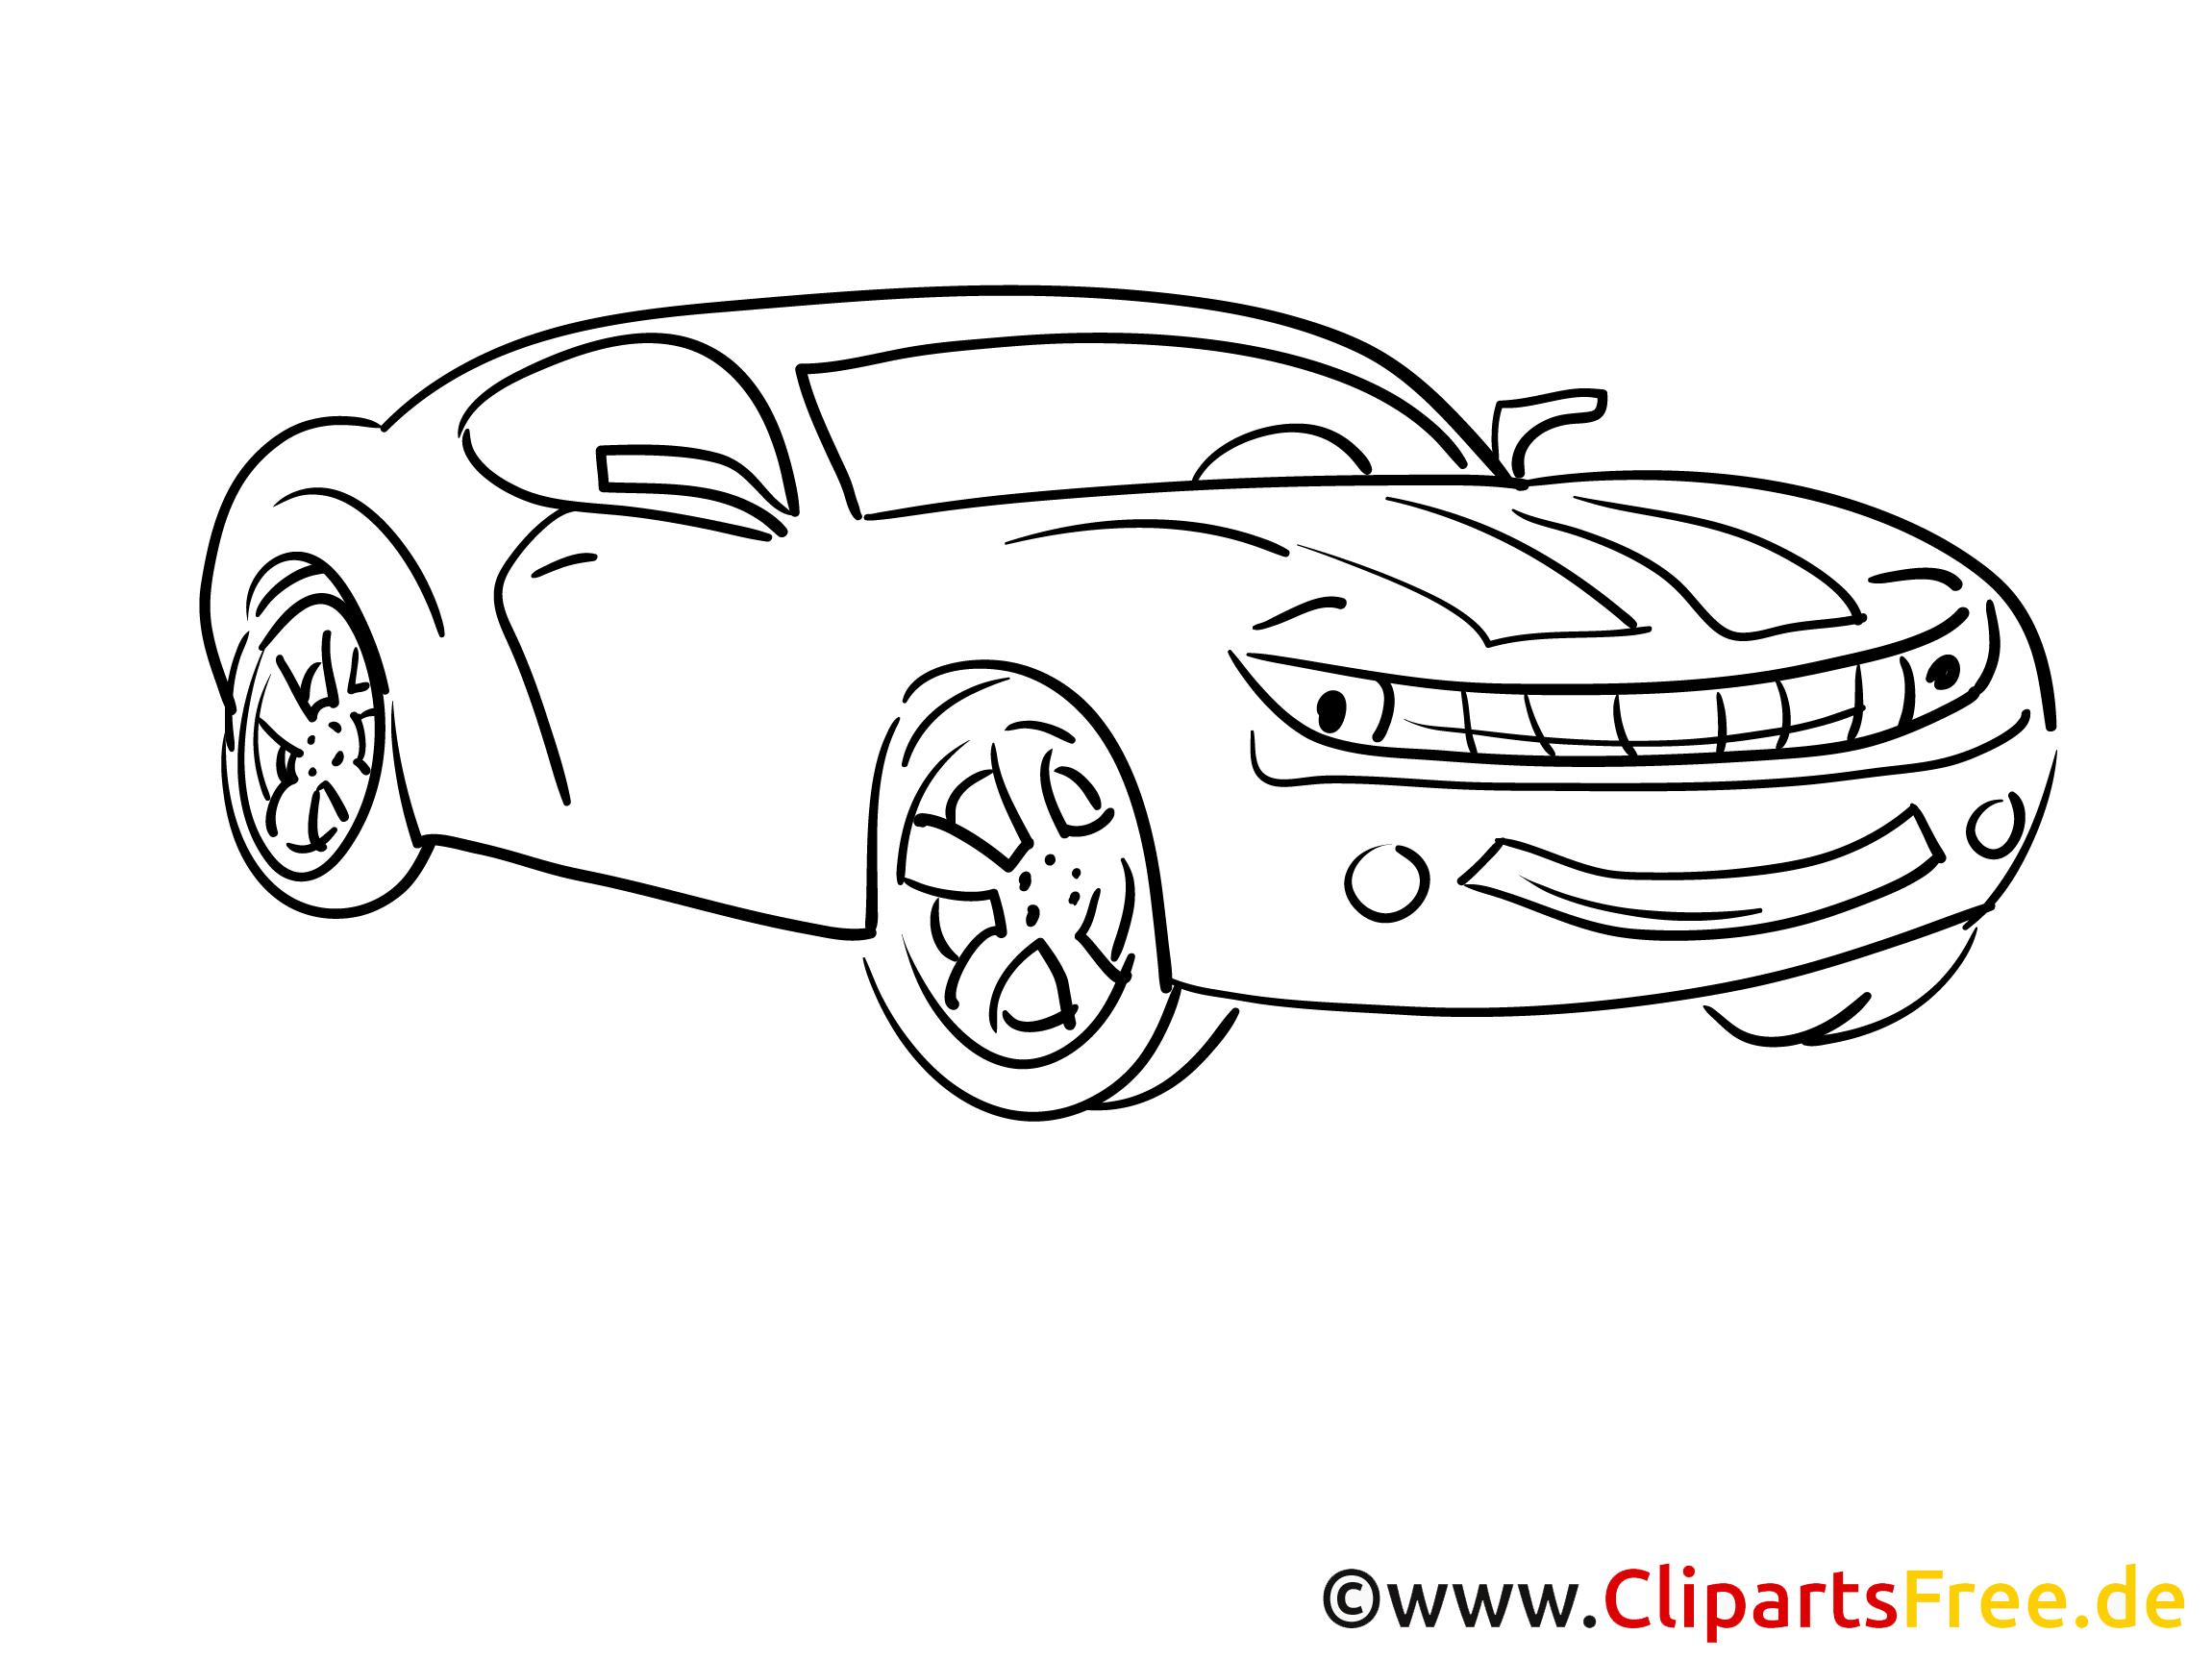 Sport-Auto Ausmalbild Fahrzeug gratis